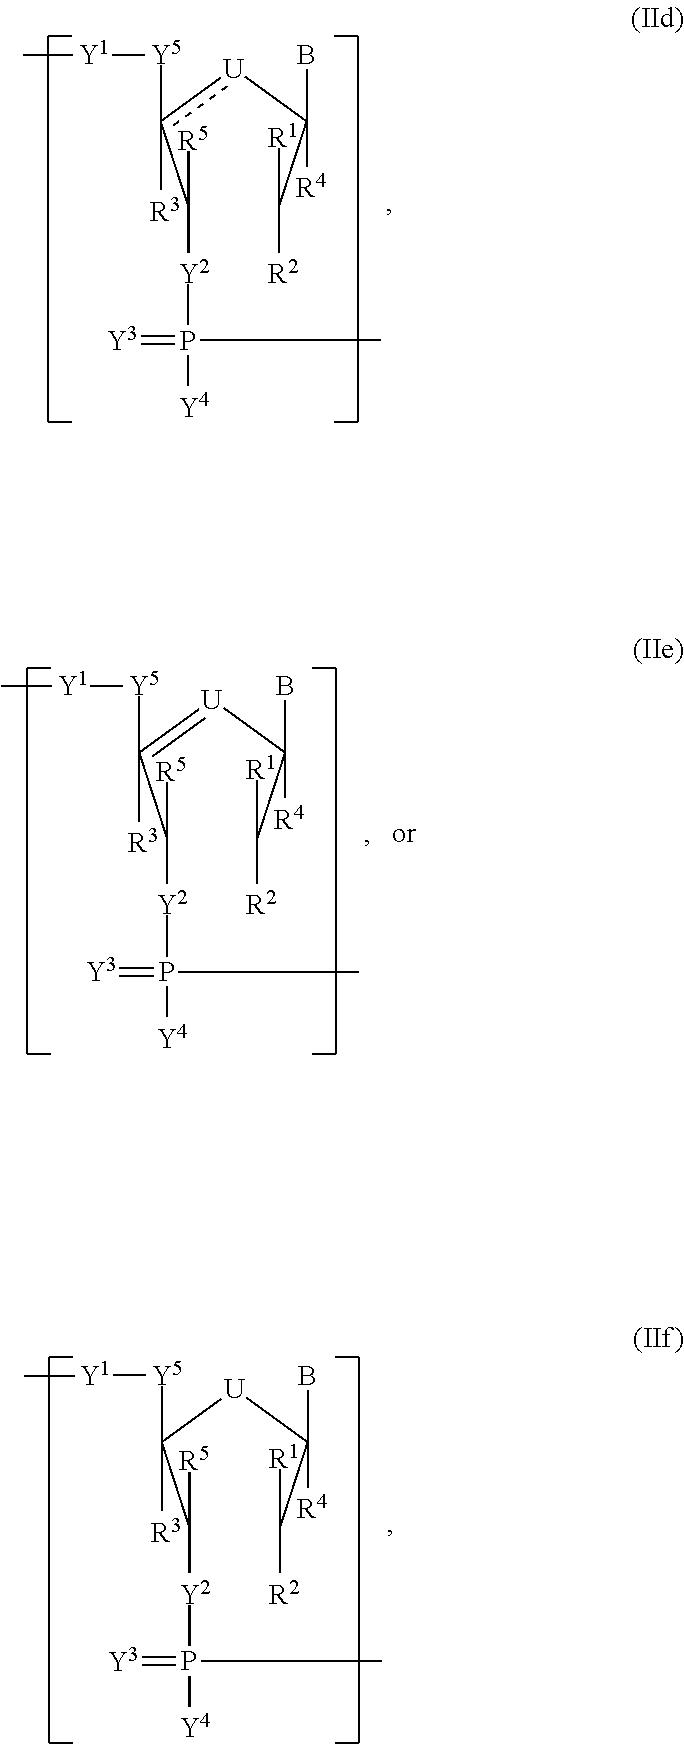 Figure US09428535-20160830-C00011